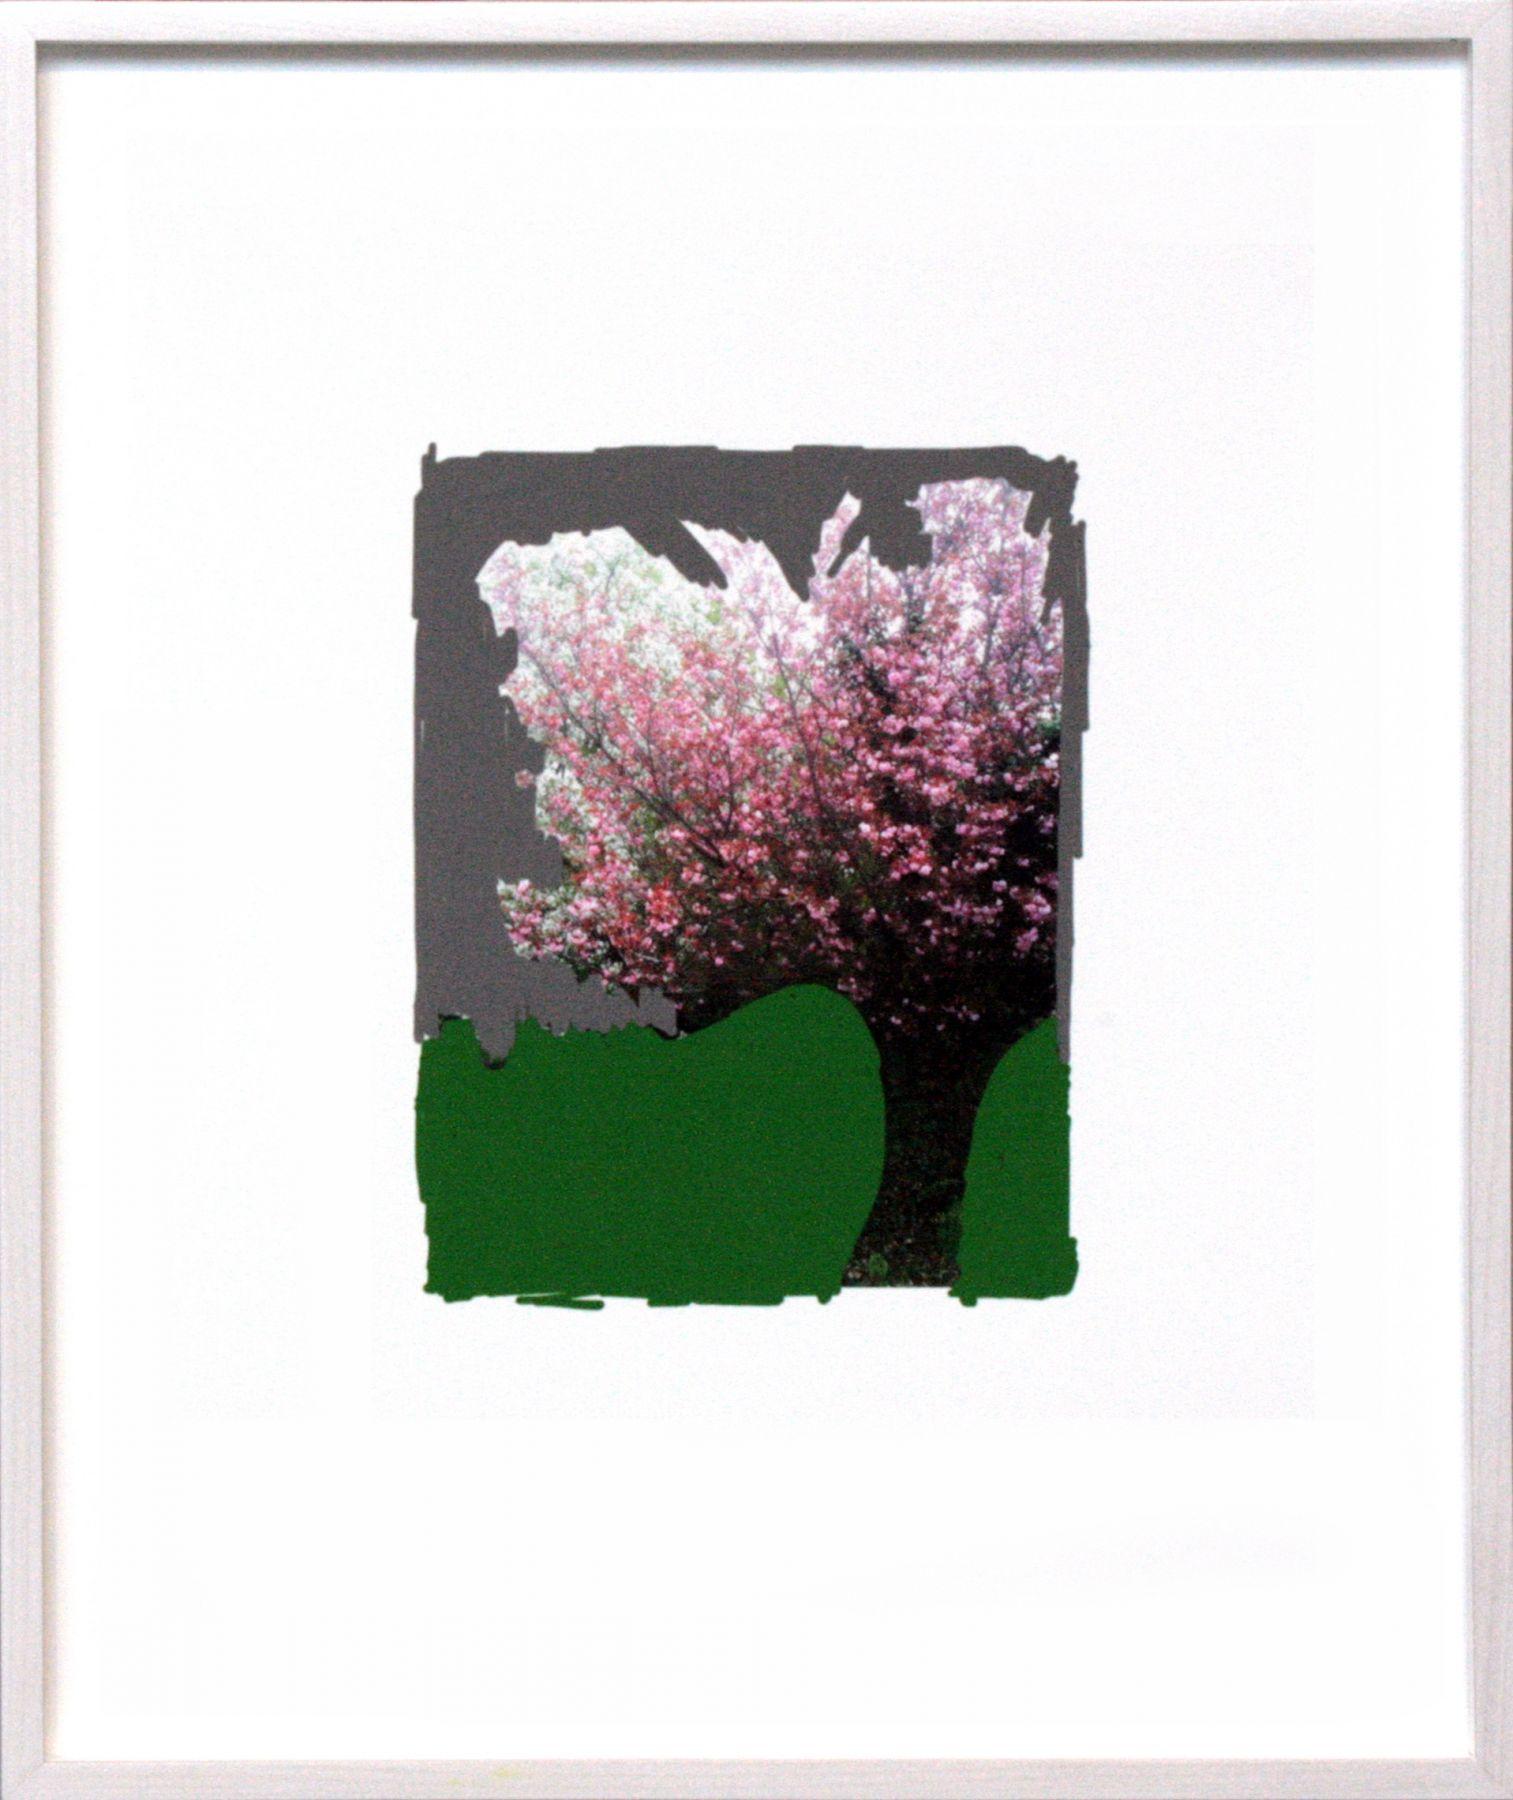 Roter Baum auf Grün, 2013